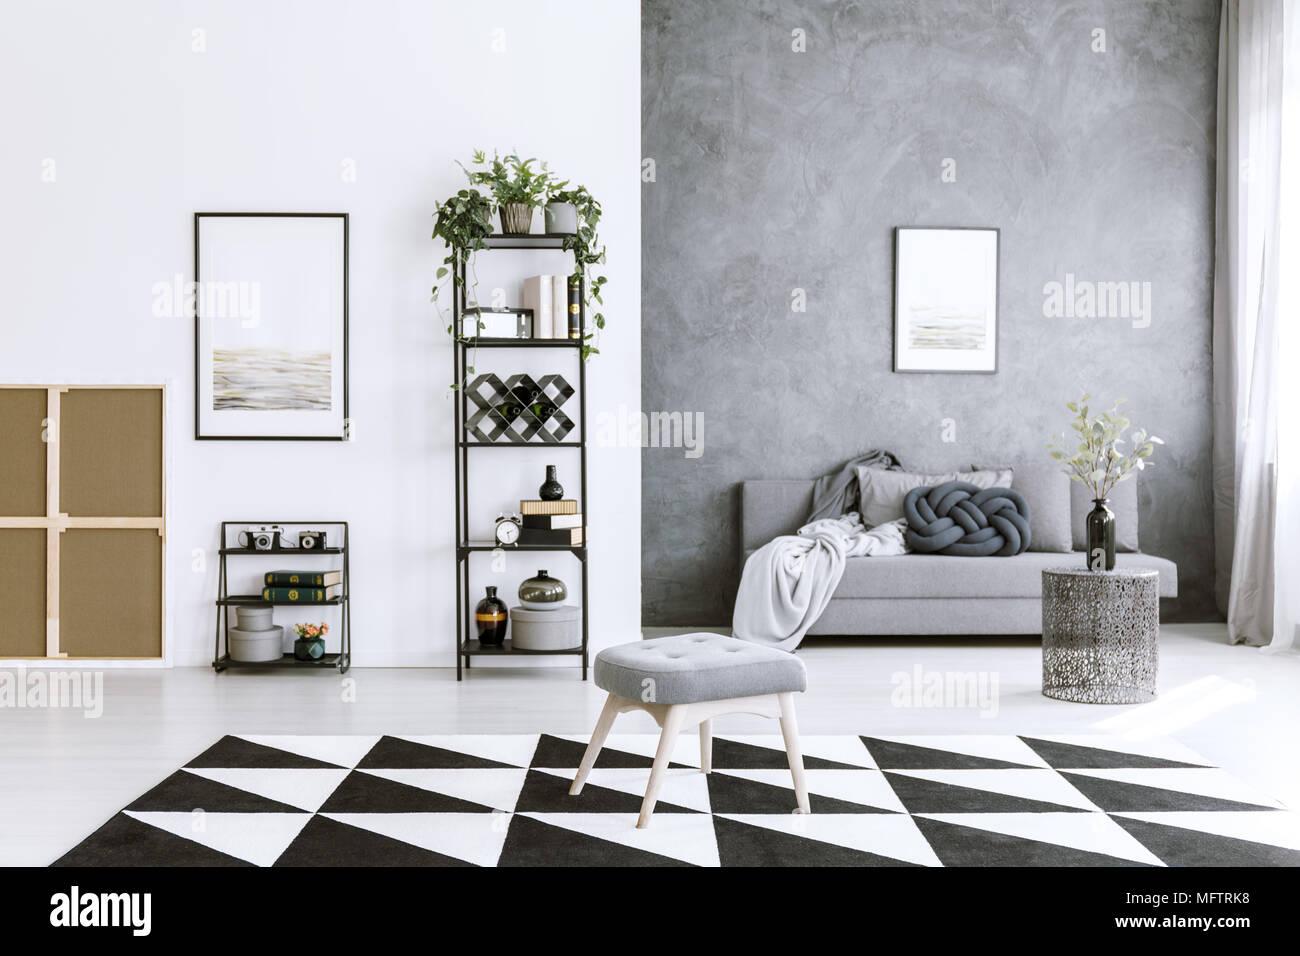 Geometrische Teppich Im Wohnzimmer Interieur Mit Metall Regal, Sofa, Stuhl, Graue  Wand Und Gemälde